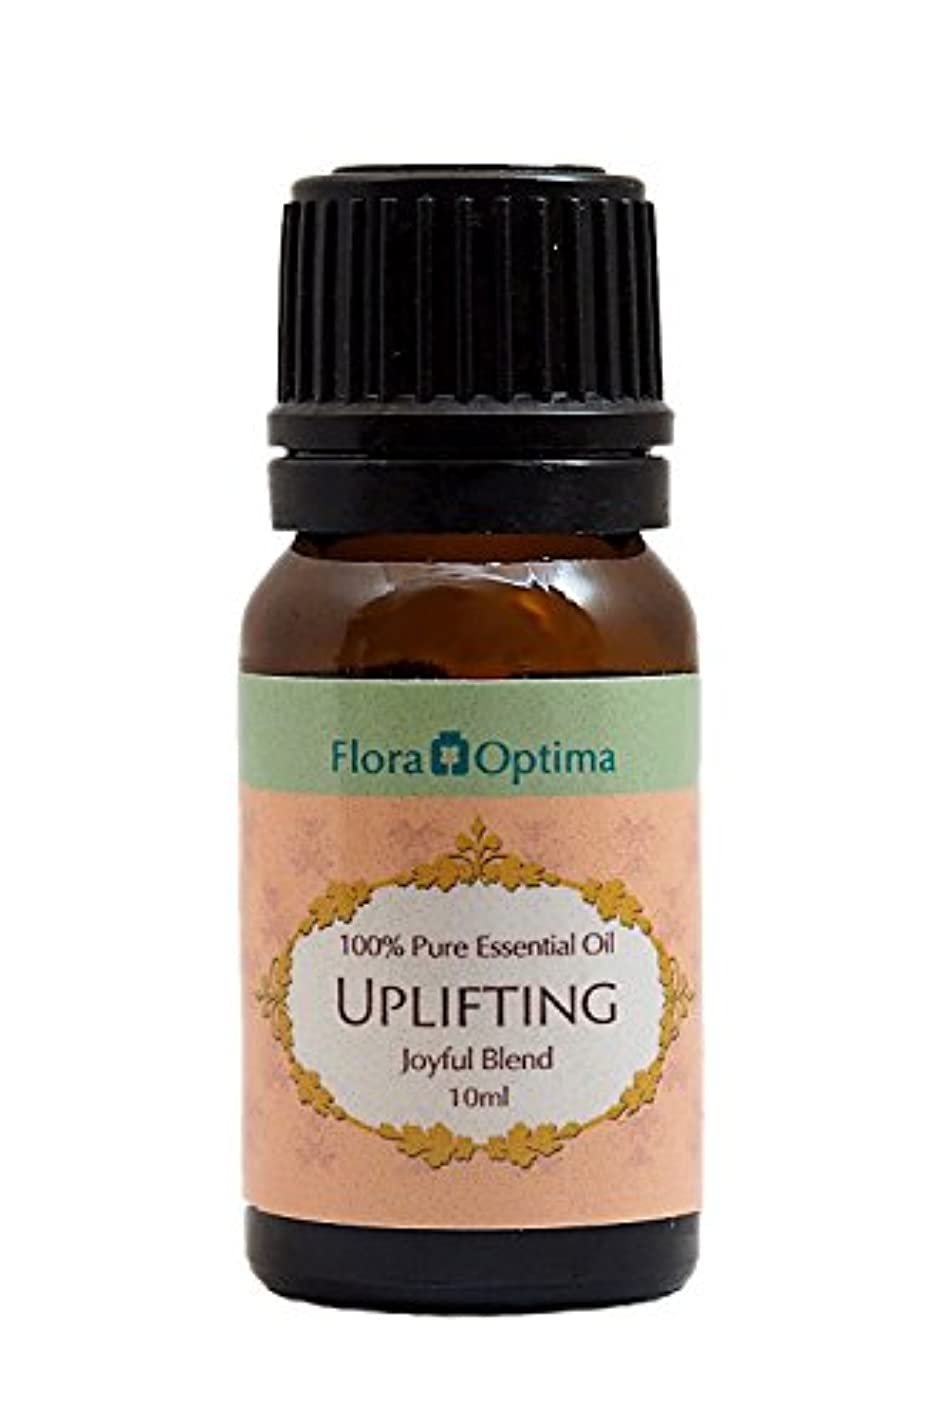 Uplifting (至福ブレンド)-10ml -